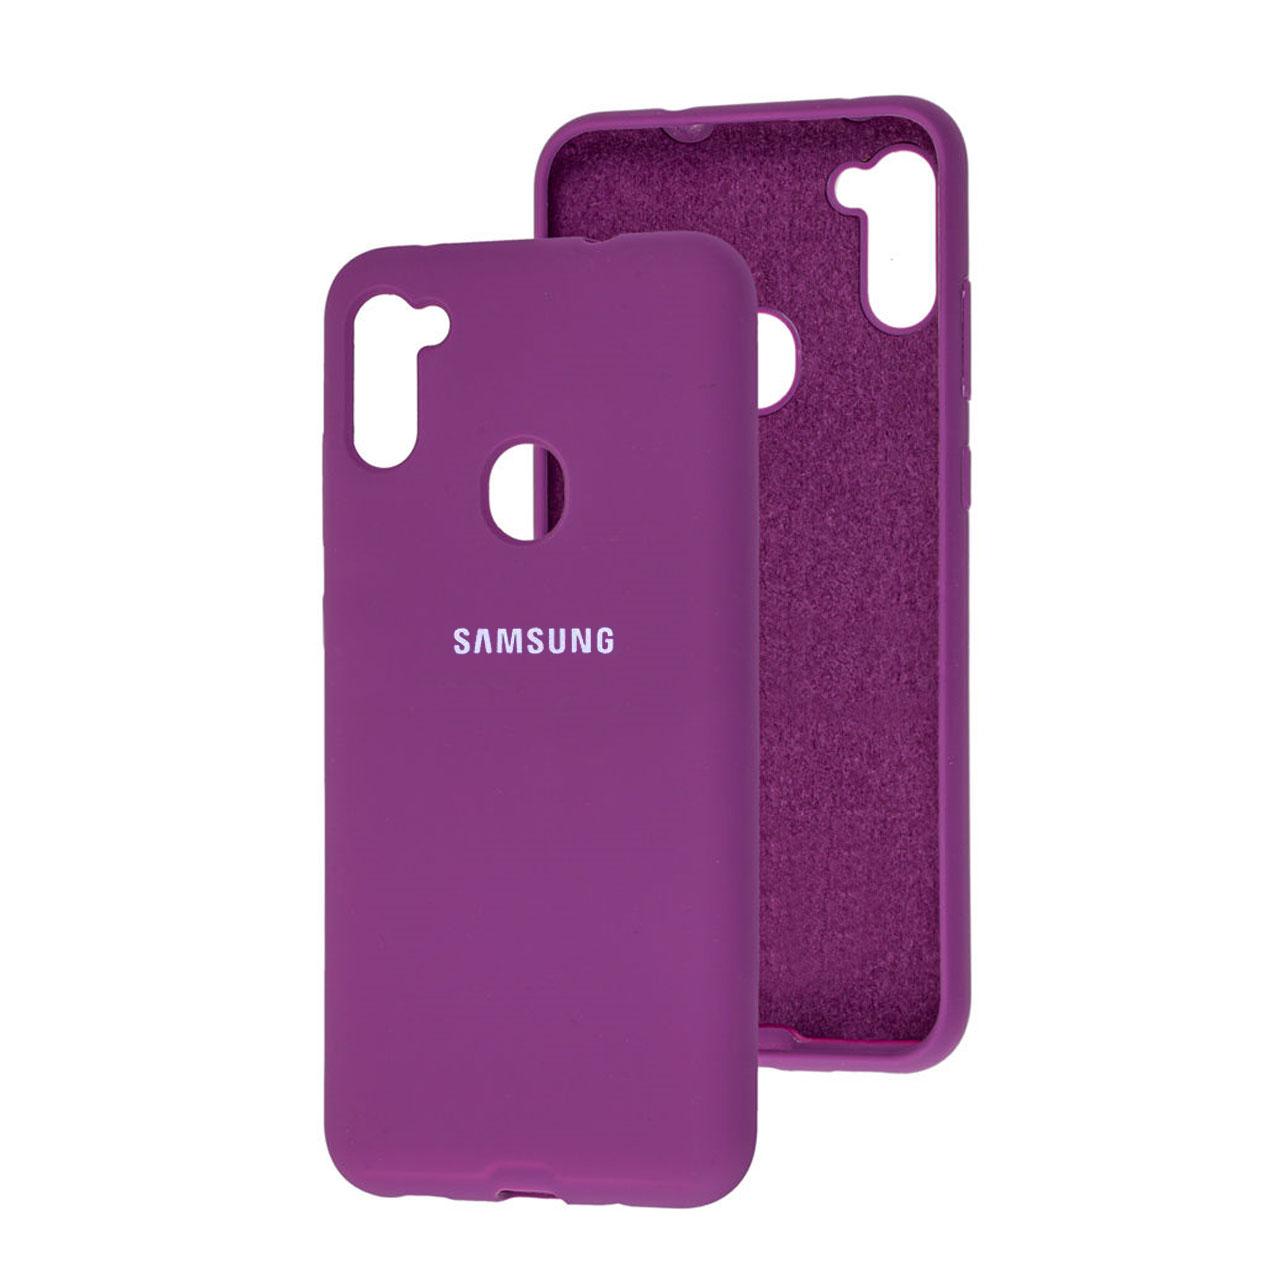 کاور مدل SLCN مناسب برای گوشی موبایل سامسونگ Galaxy A11 main 1 11